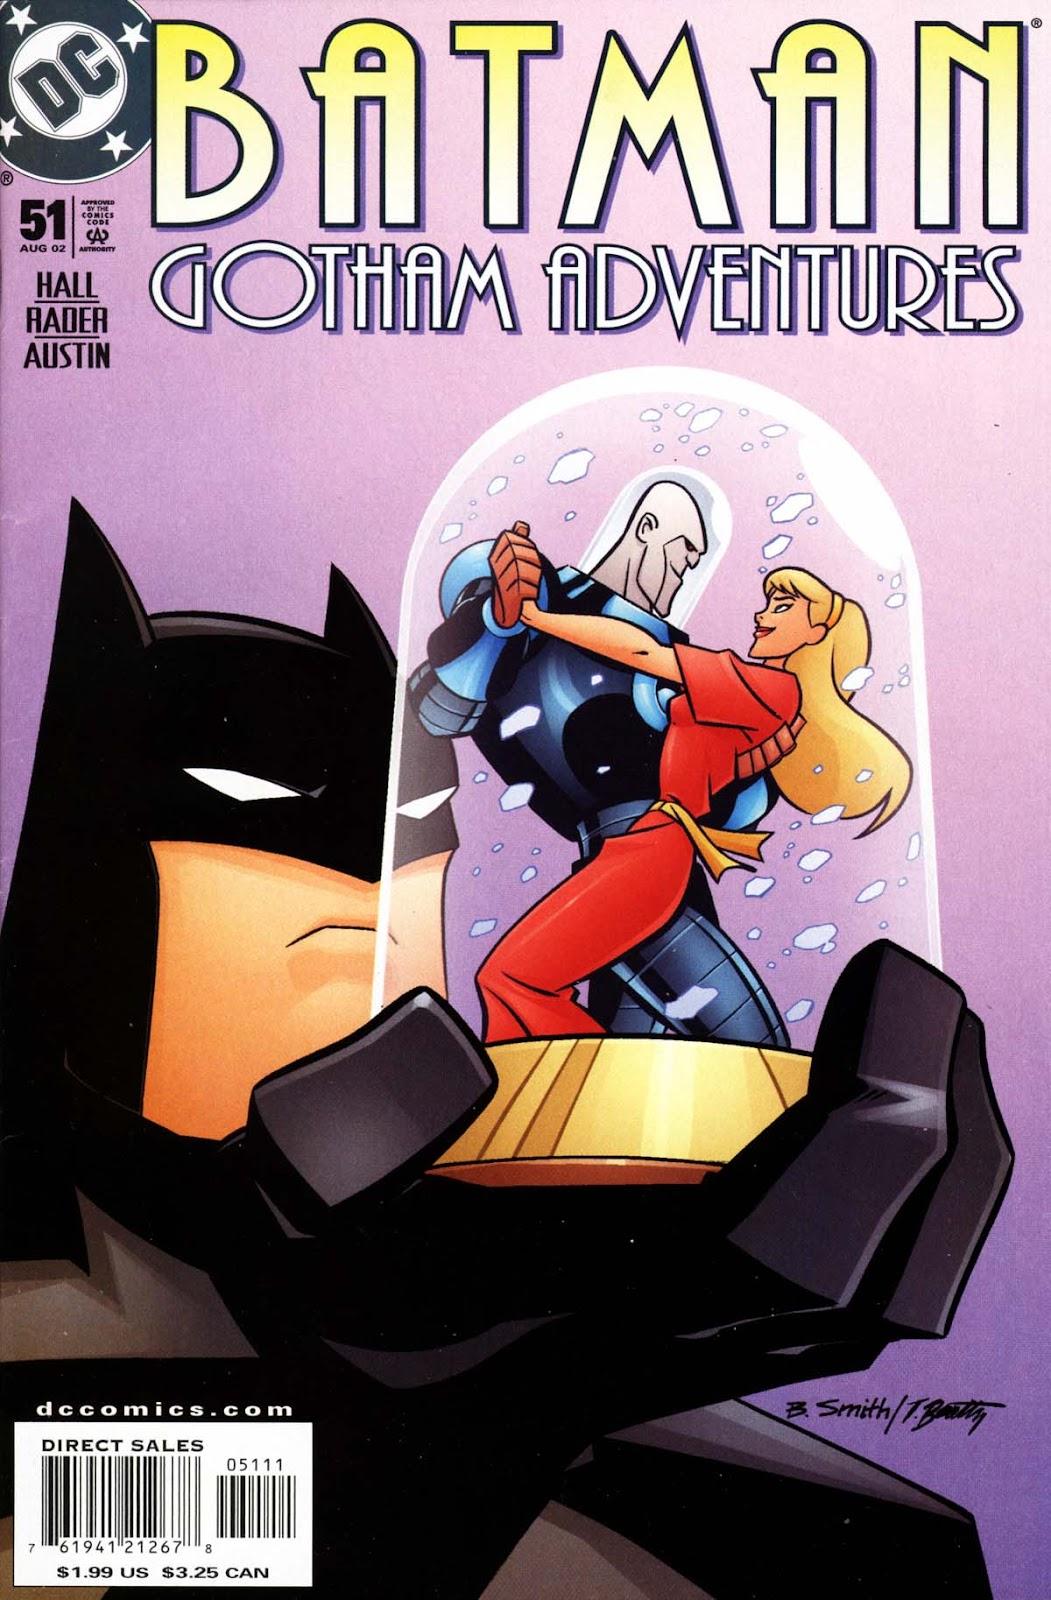 Batman: Gotham Adventures issue 51 - Page 1